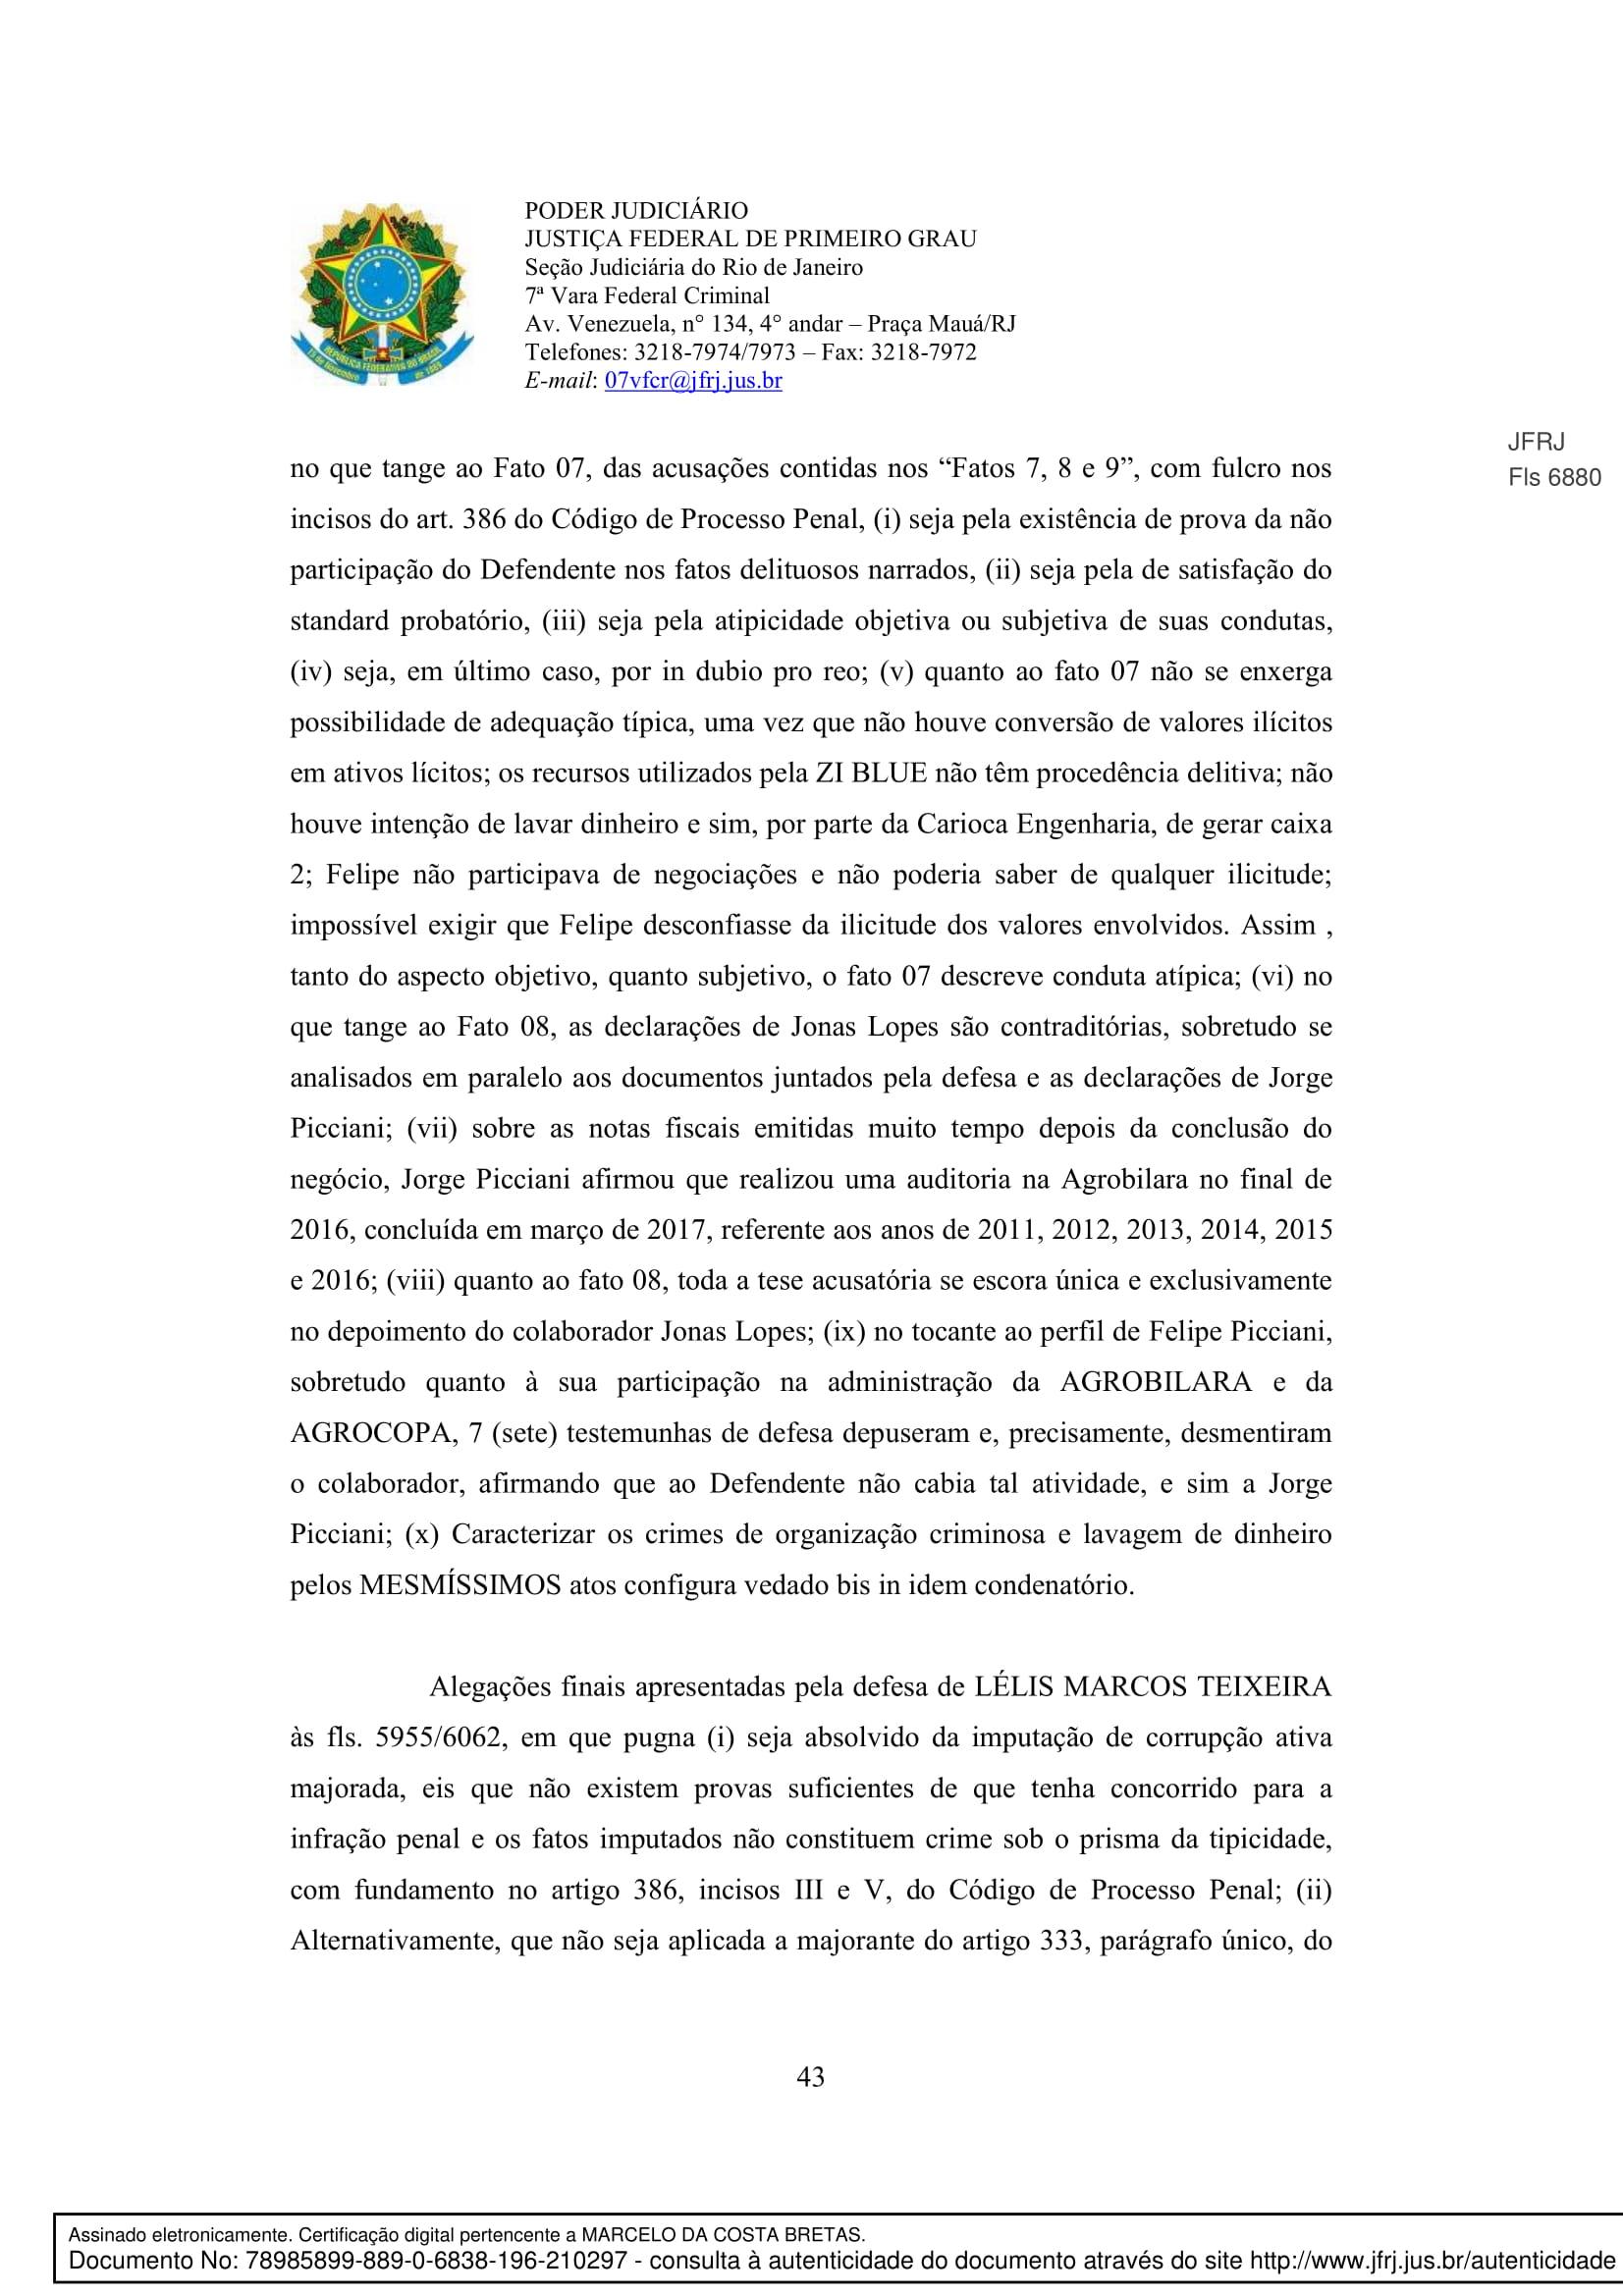 Sentenca-Cadeia-Velha-7VFC-043